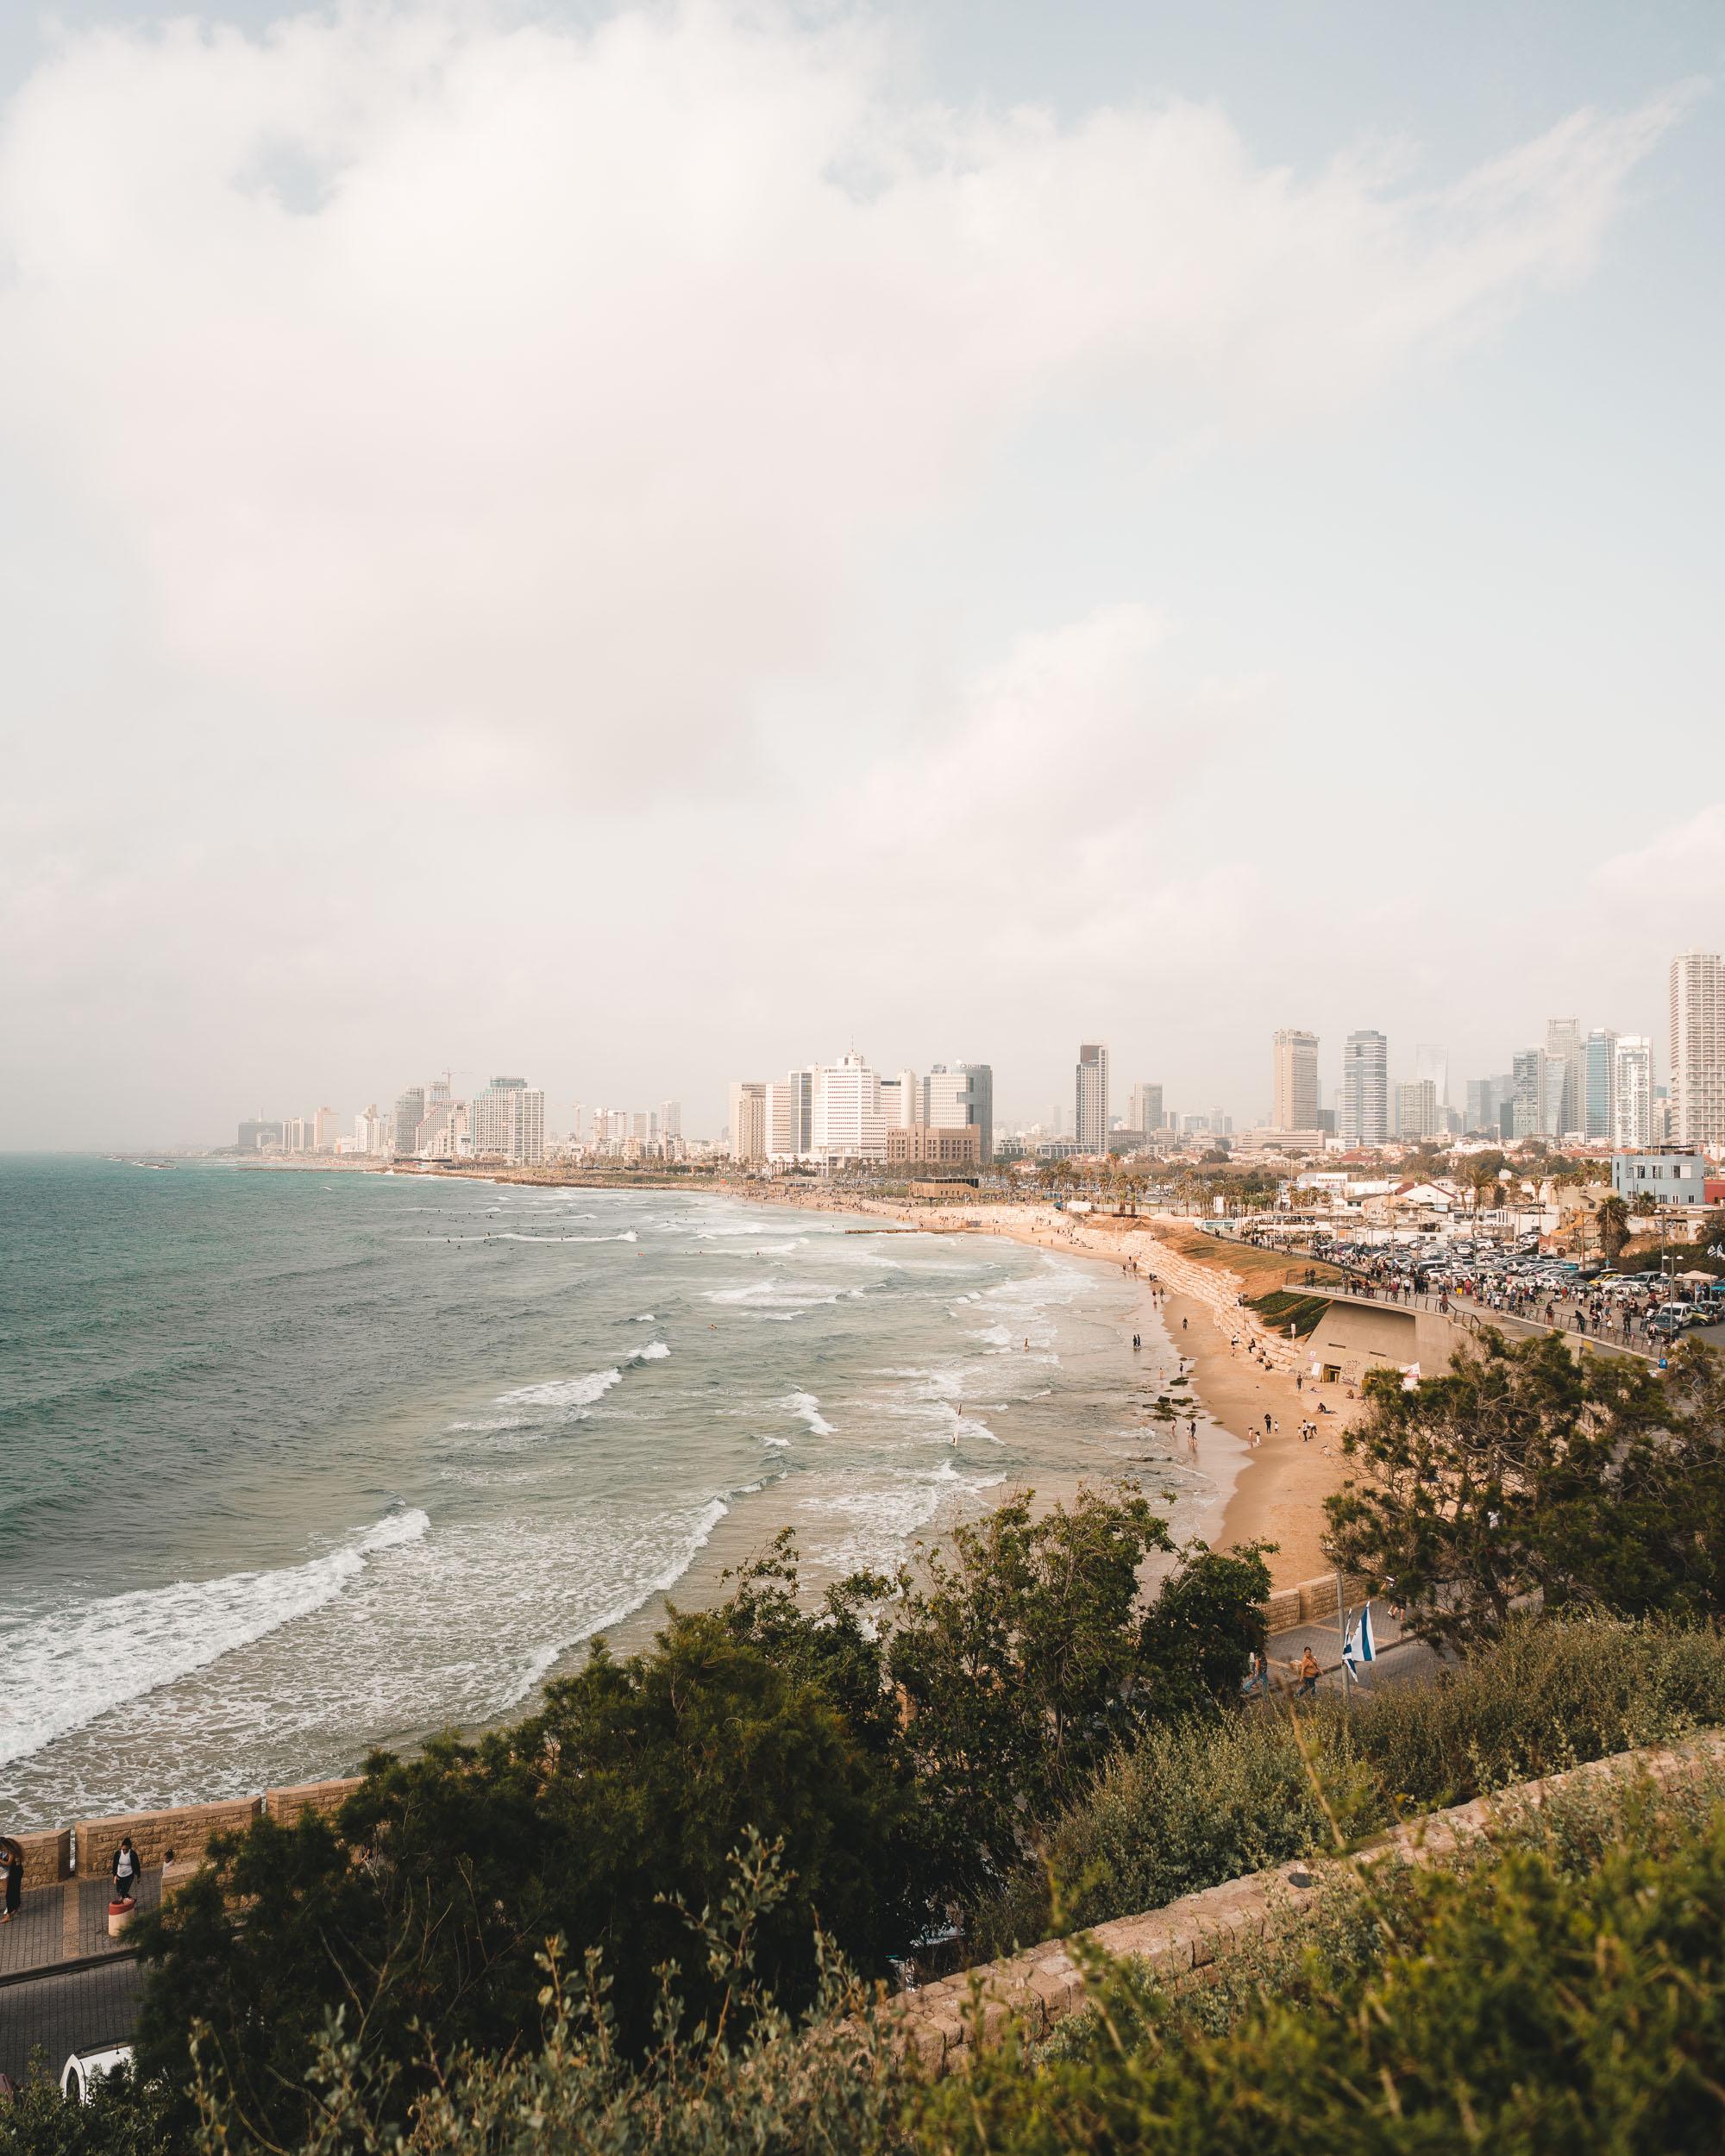 Views of Tel Aviv beach and skyline in Israel